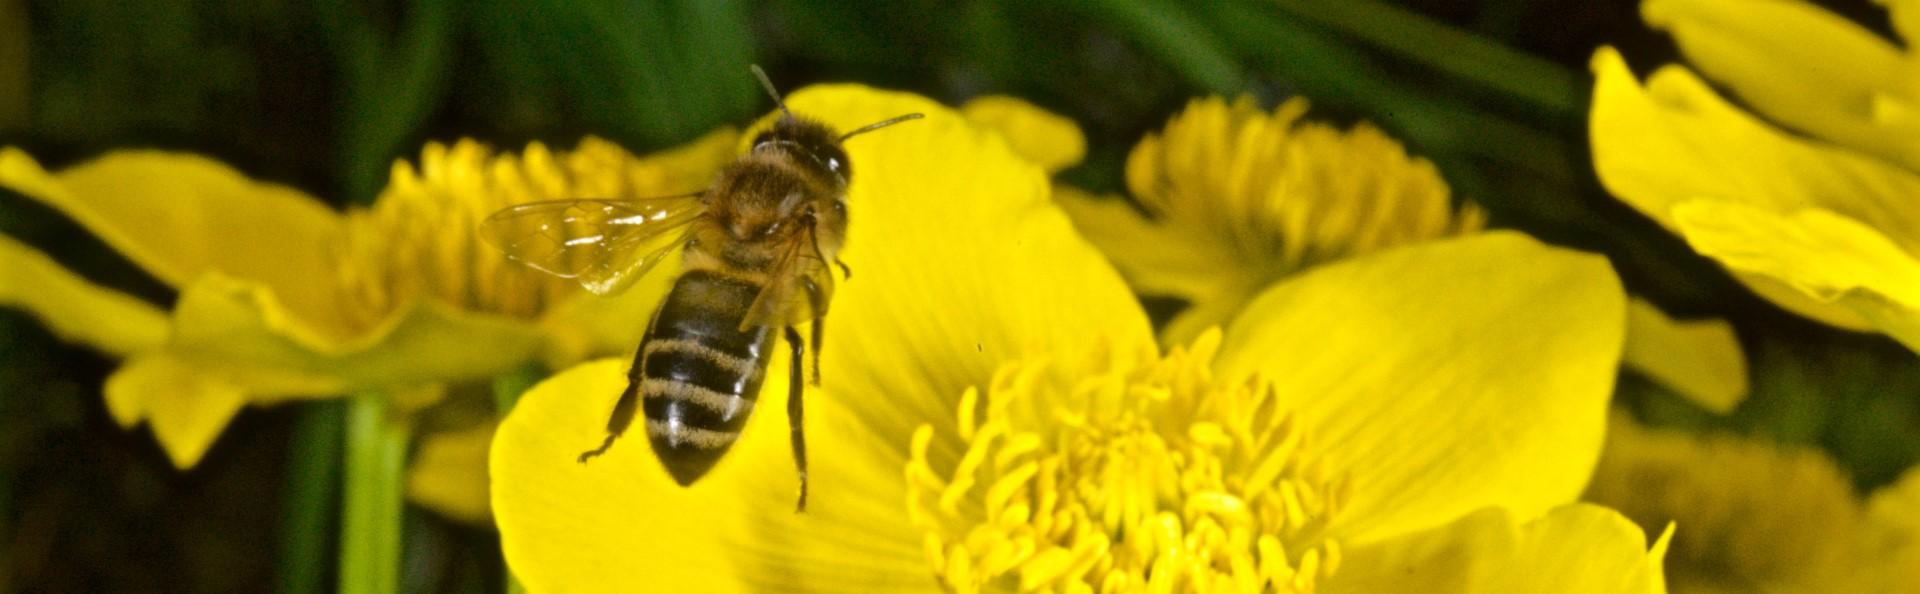 Sumpfdotterblume mit Honigbiene